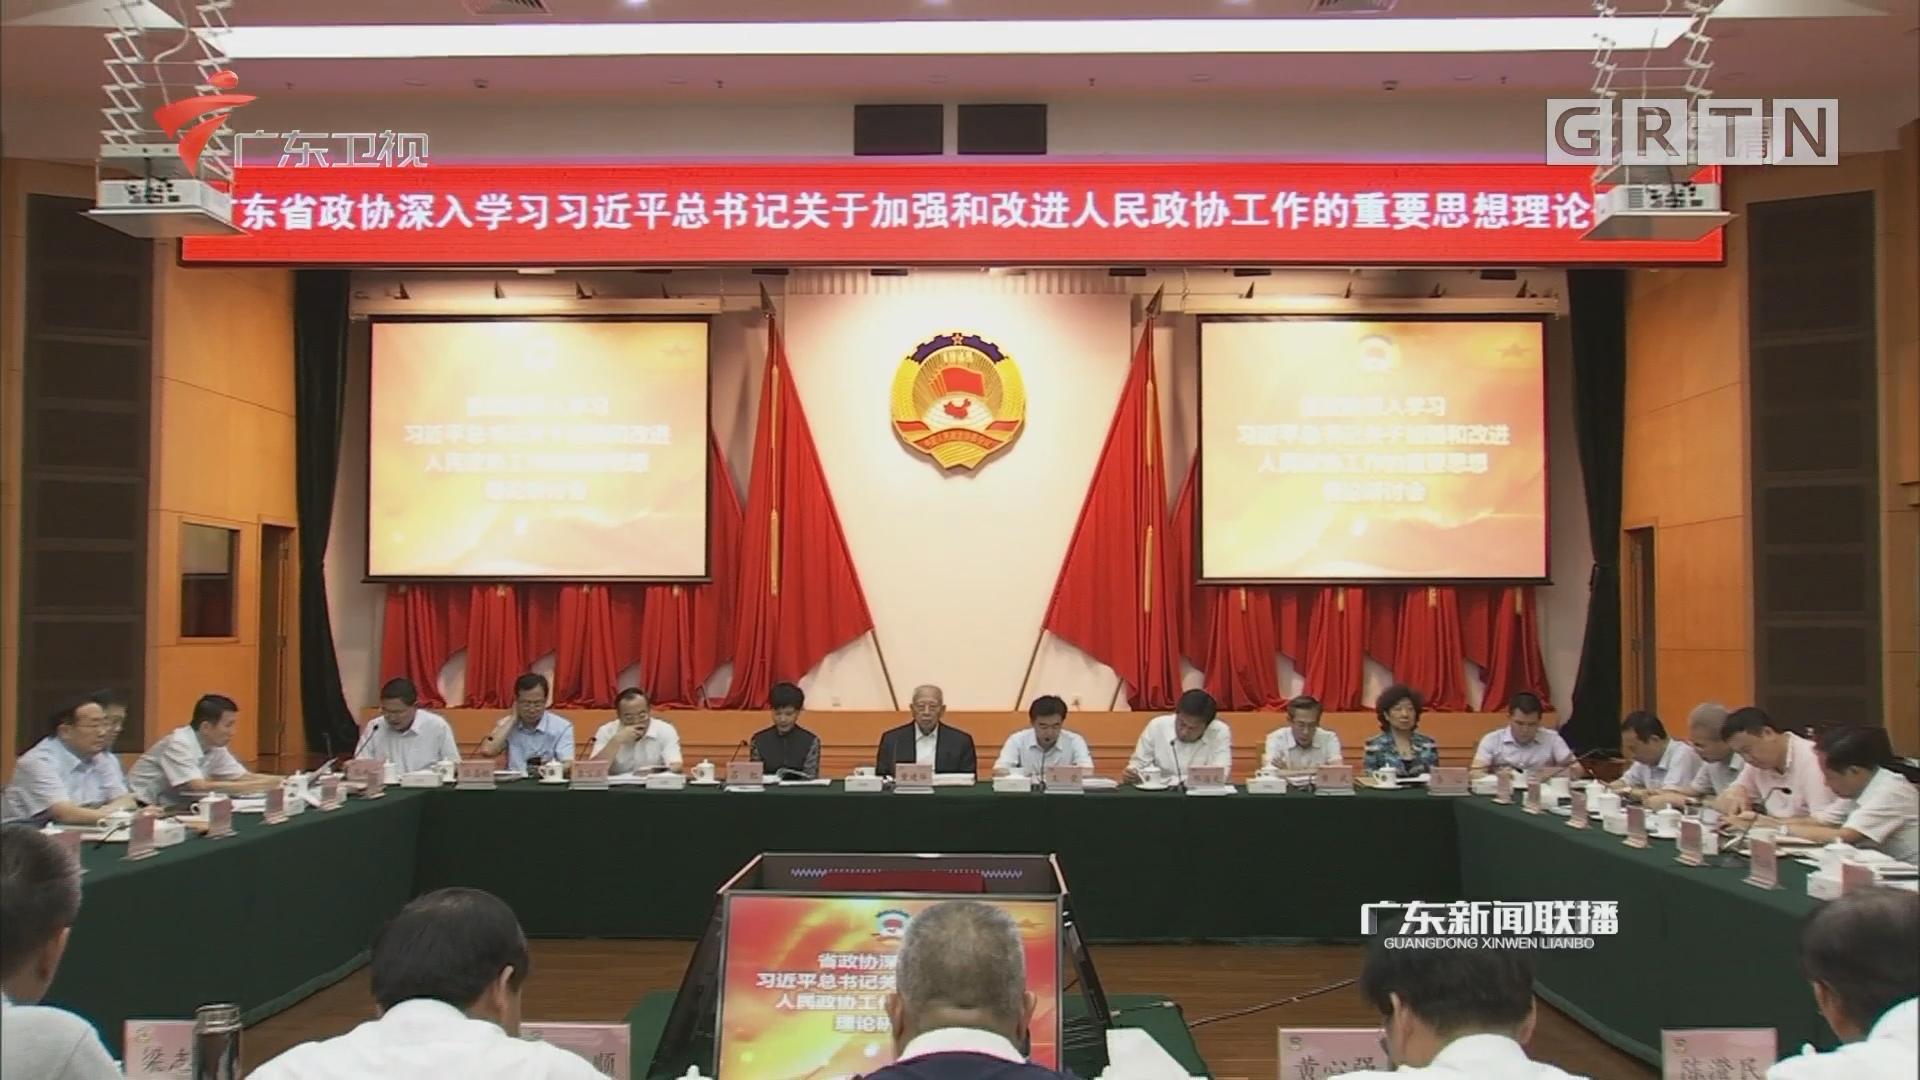 深入学习习近平总书记关于加强和改进人民政协工作的重要思想理论研讨会在广州召开